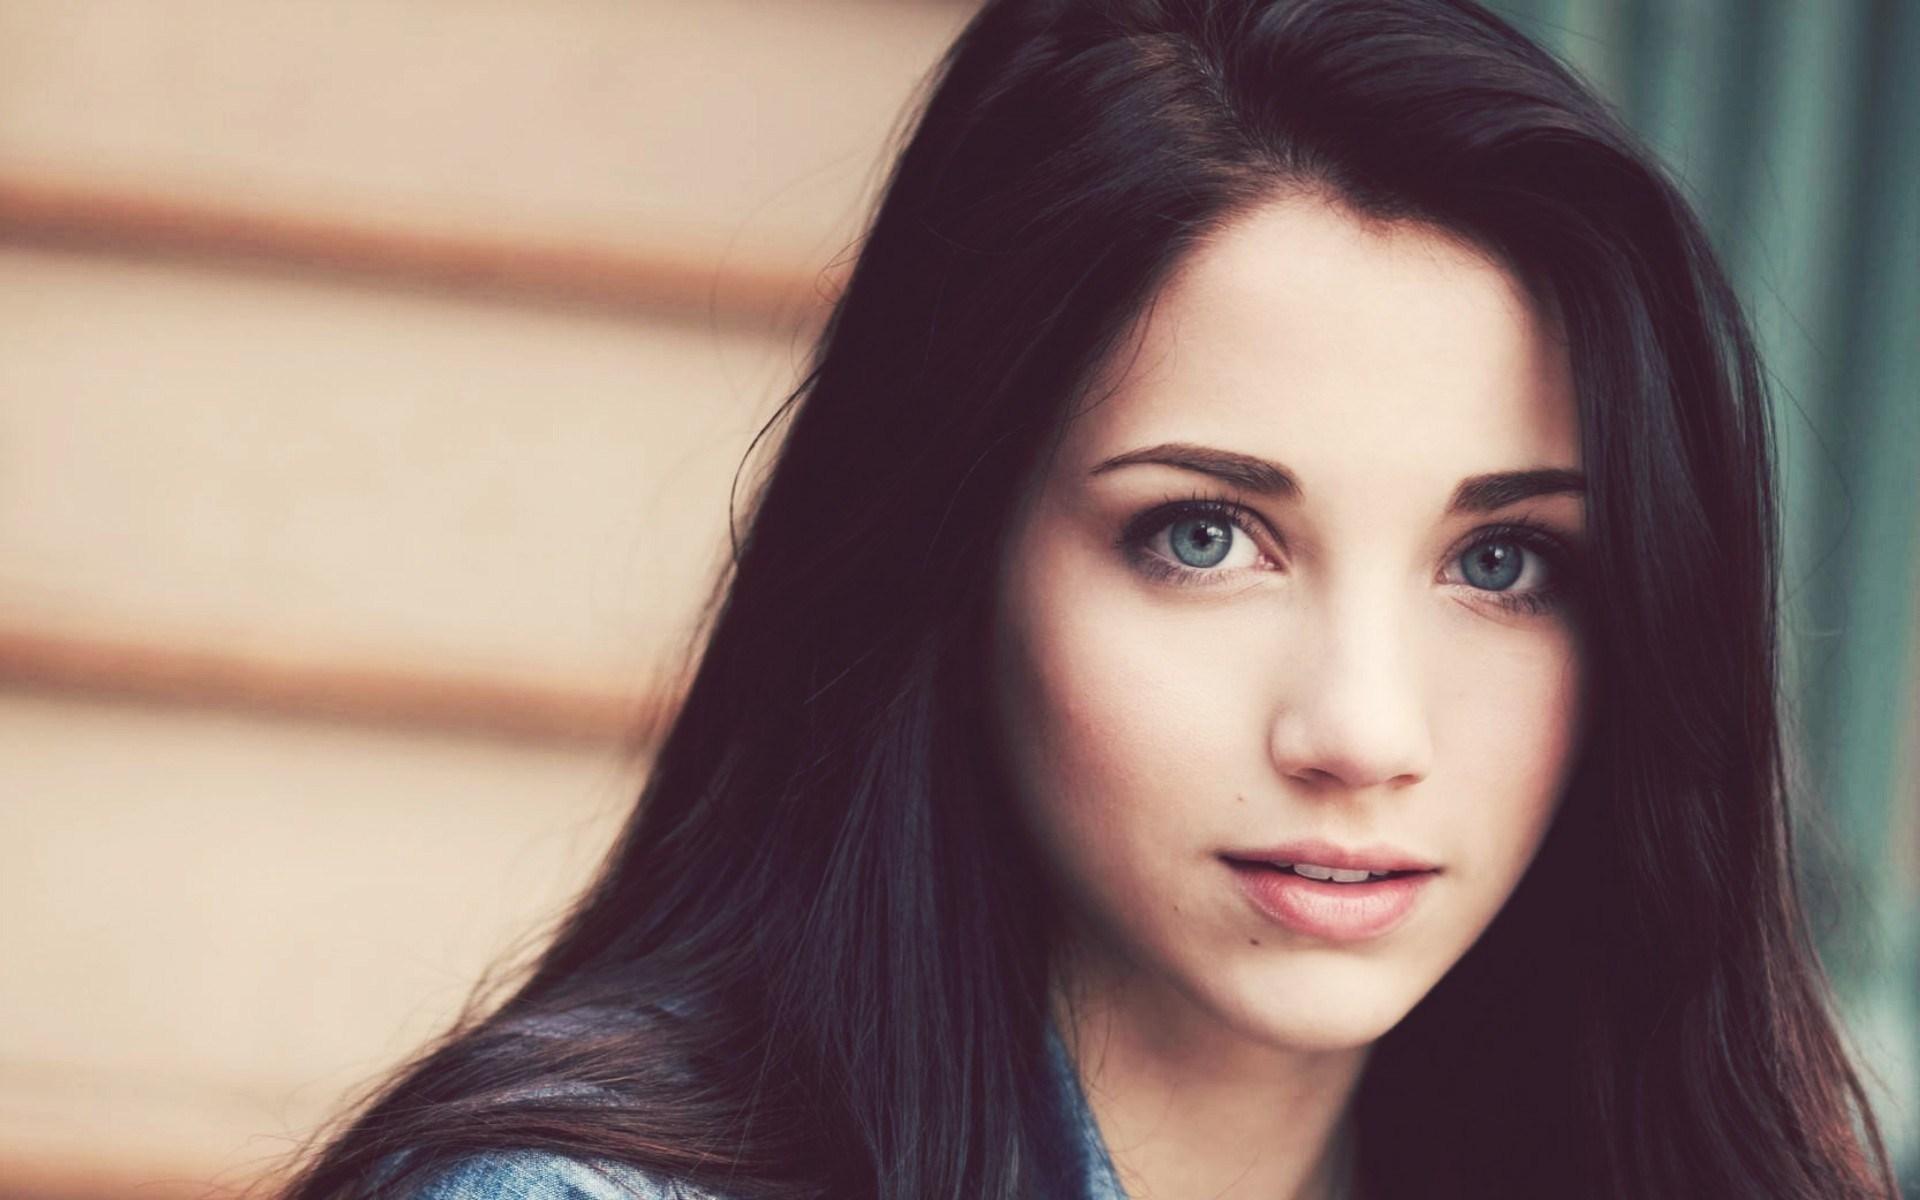 Mood Girl Brunette Portrait Photo